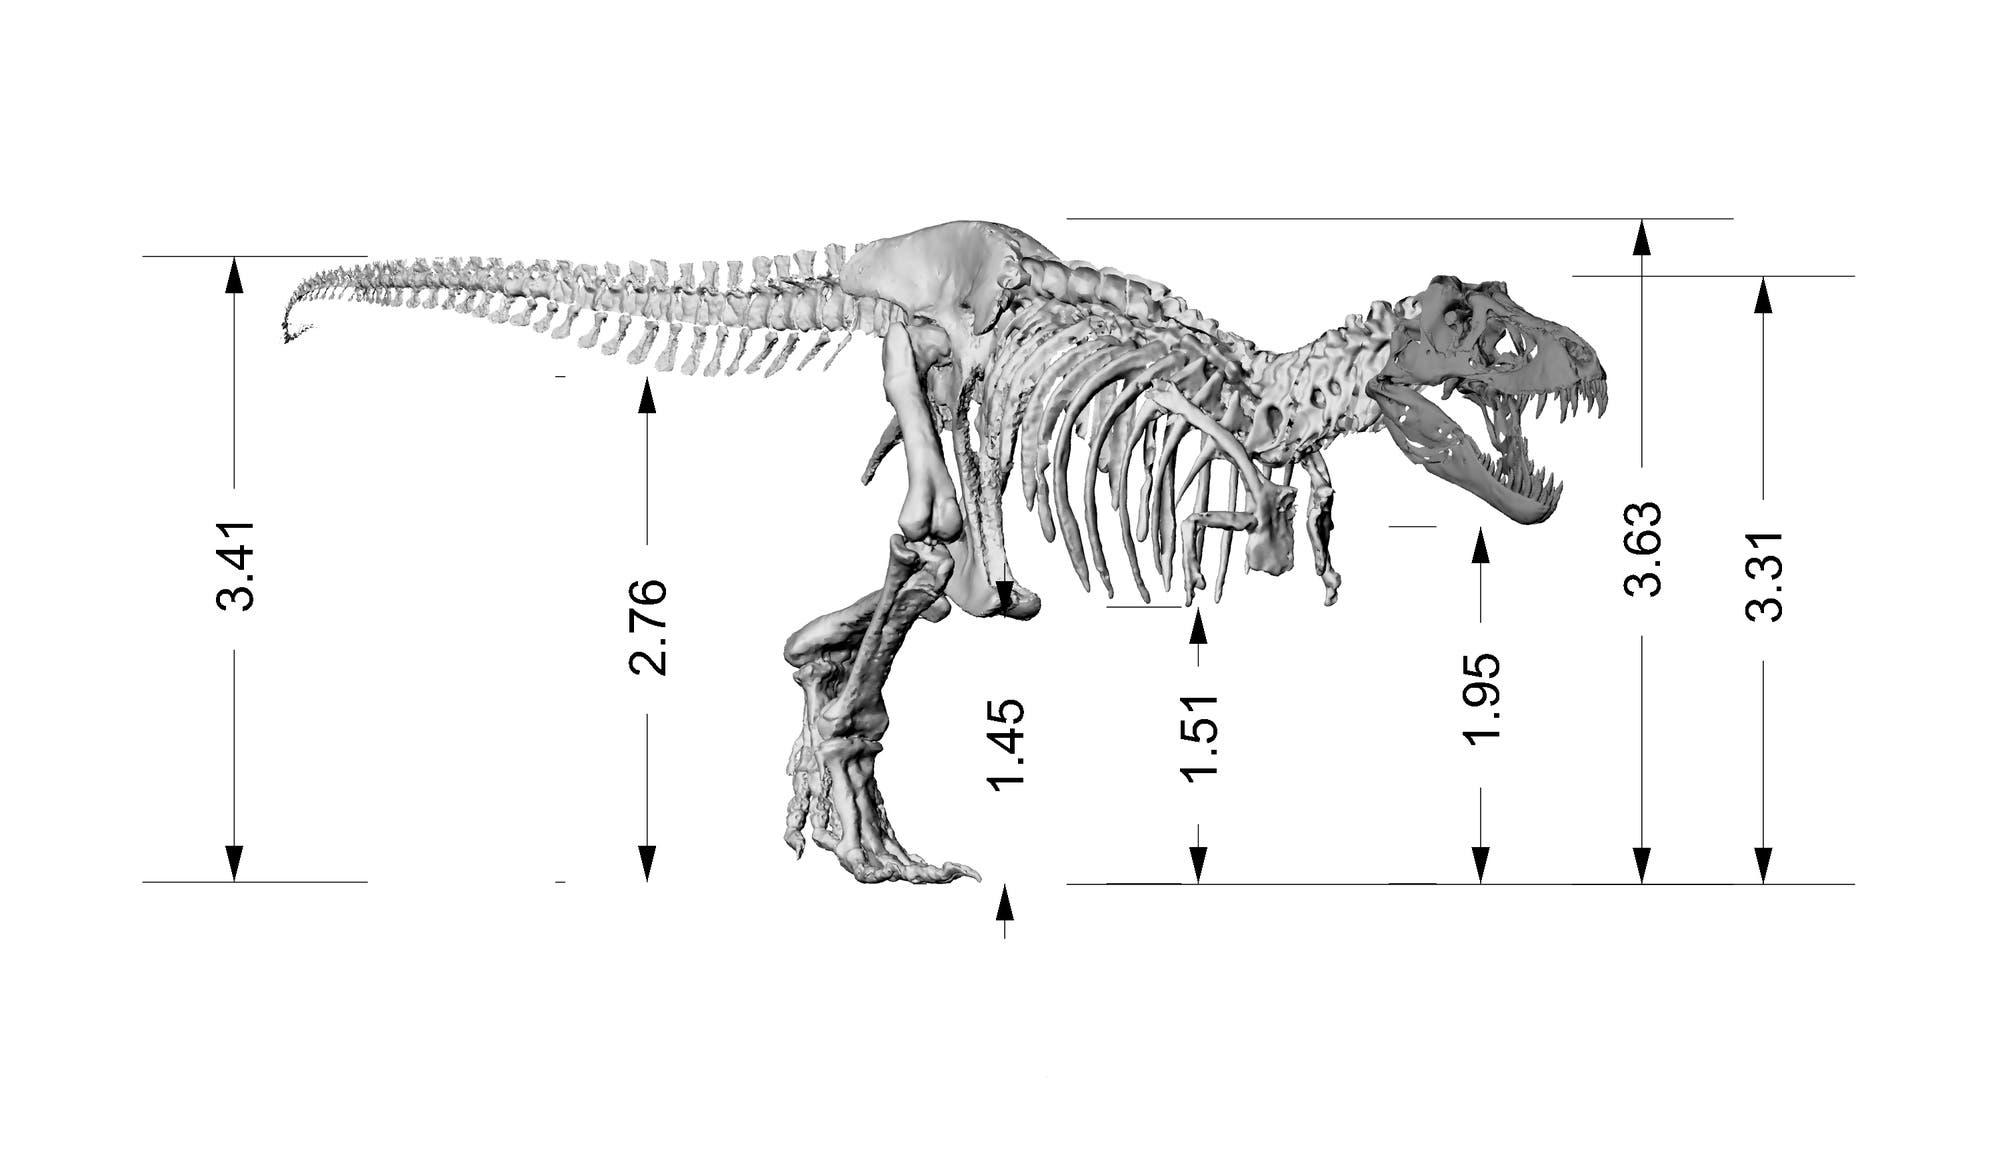 Das sind die Dimensionen von Tristan und sein aus 3D-Daten zusammengefügtes Skelett.